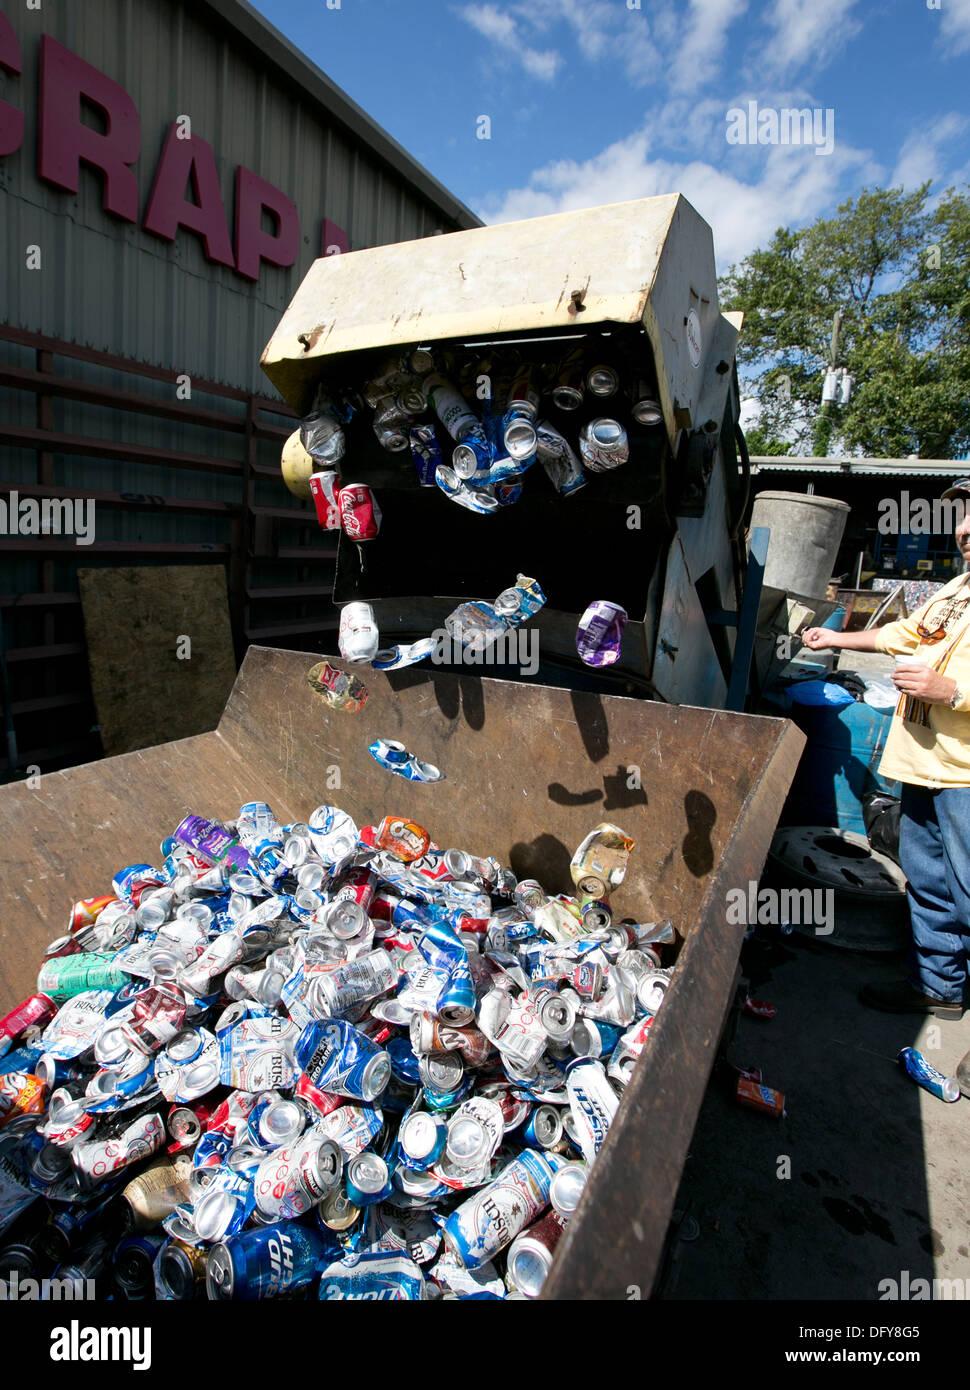 Dipendente di sesso maschile utilizza la macchina per schiacciare le lattine di alluminio in corrispondenza di un metallo società di riciclaggio in Texas Immagini Stock